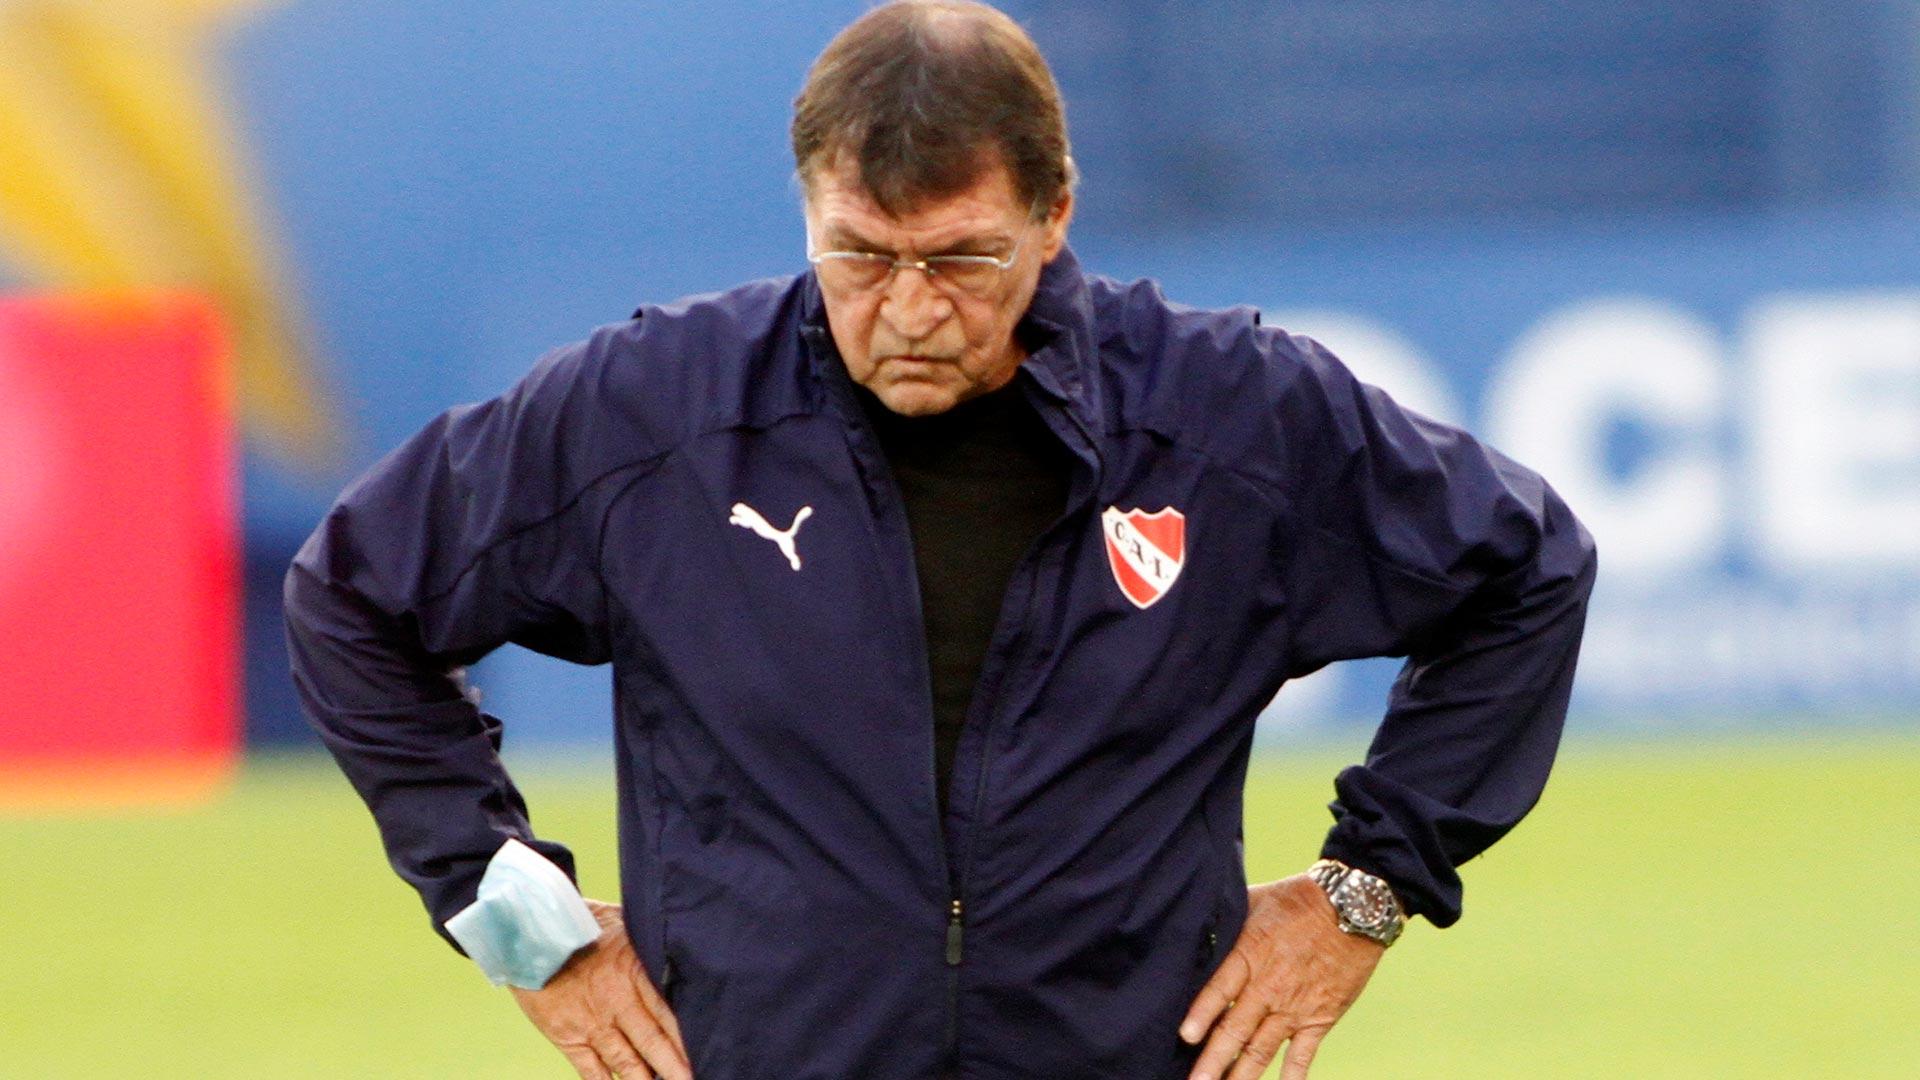 Alerta roja en Independiente por el brote masivo de coronavirus en el plantel a días del clásico contra Racing - Infobae